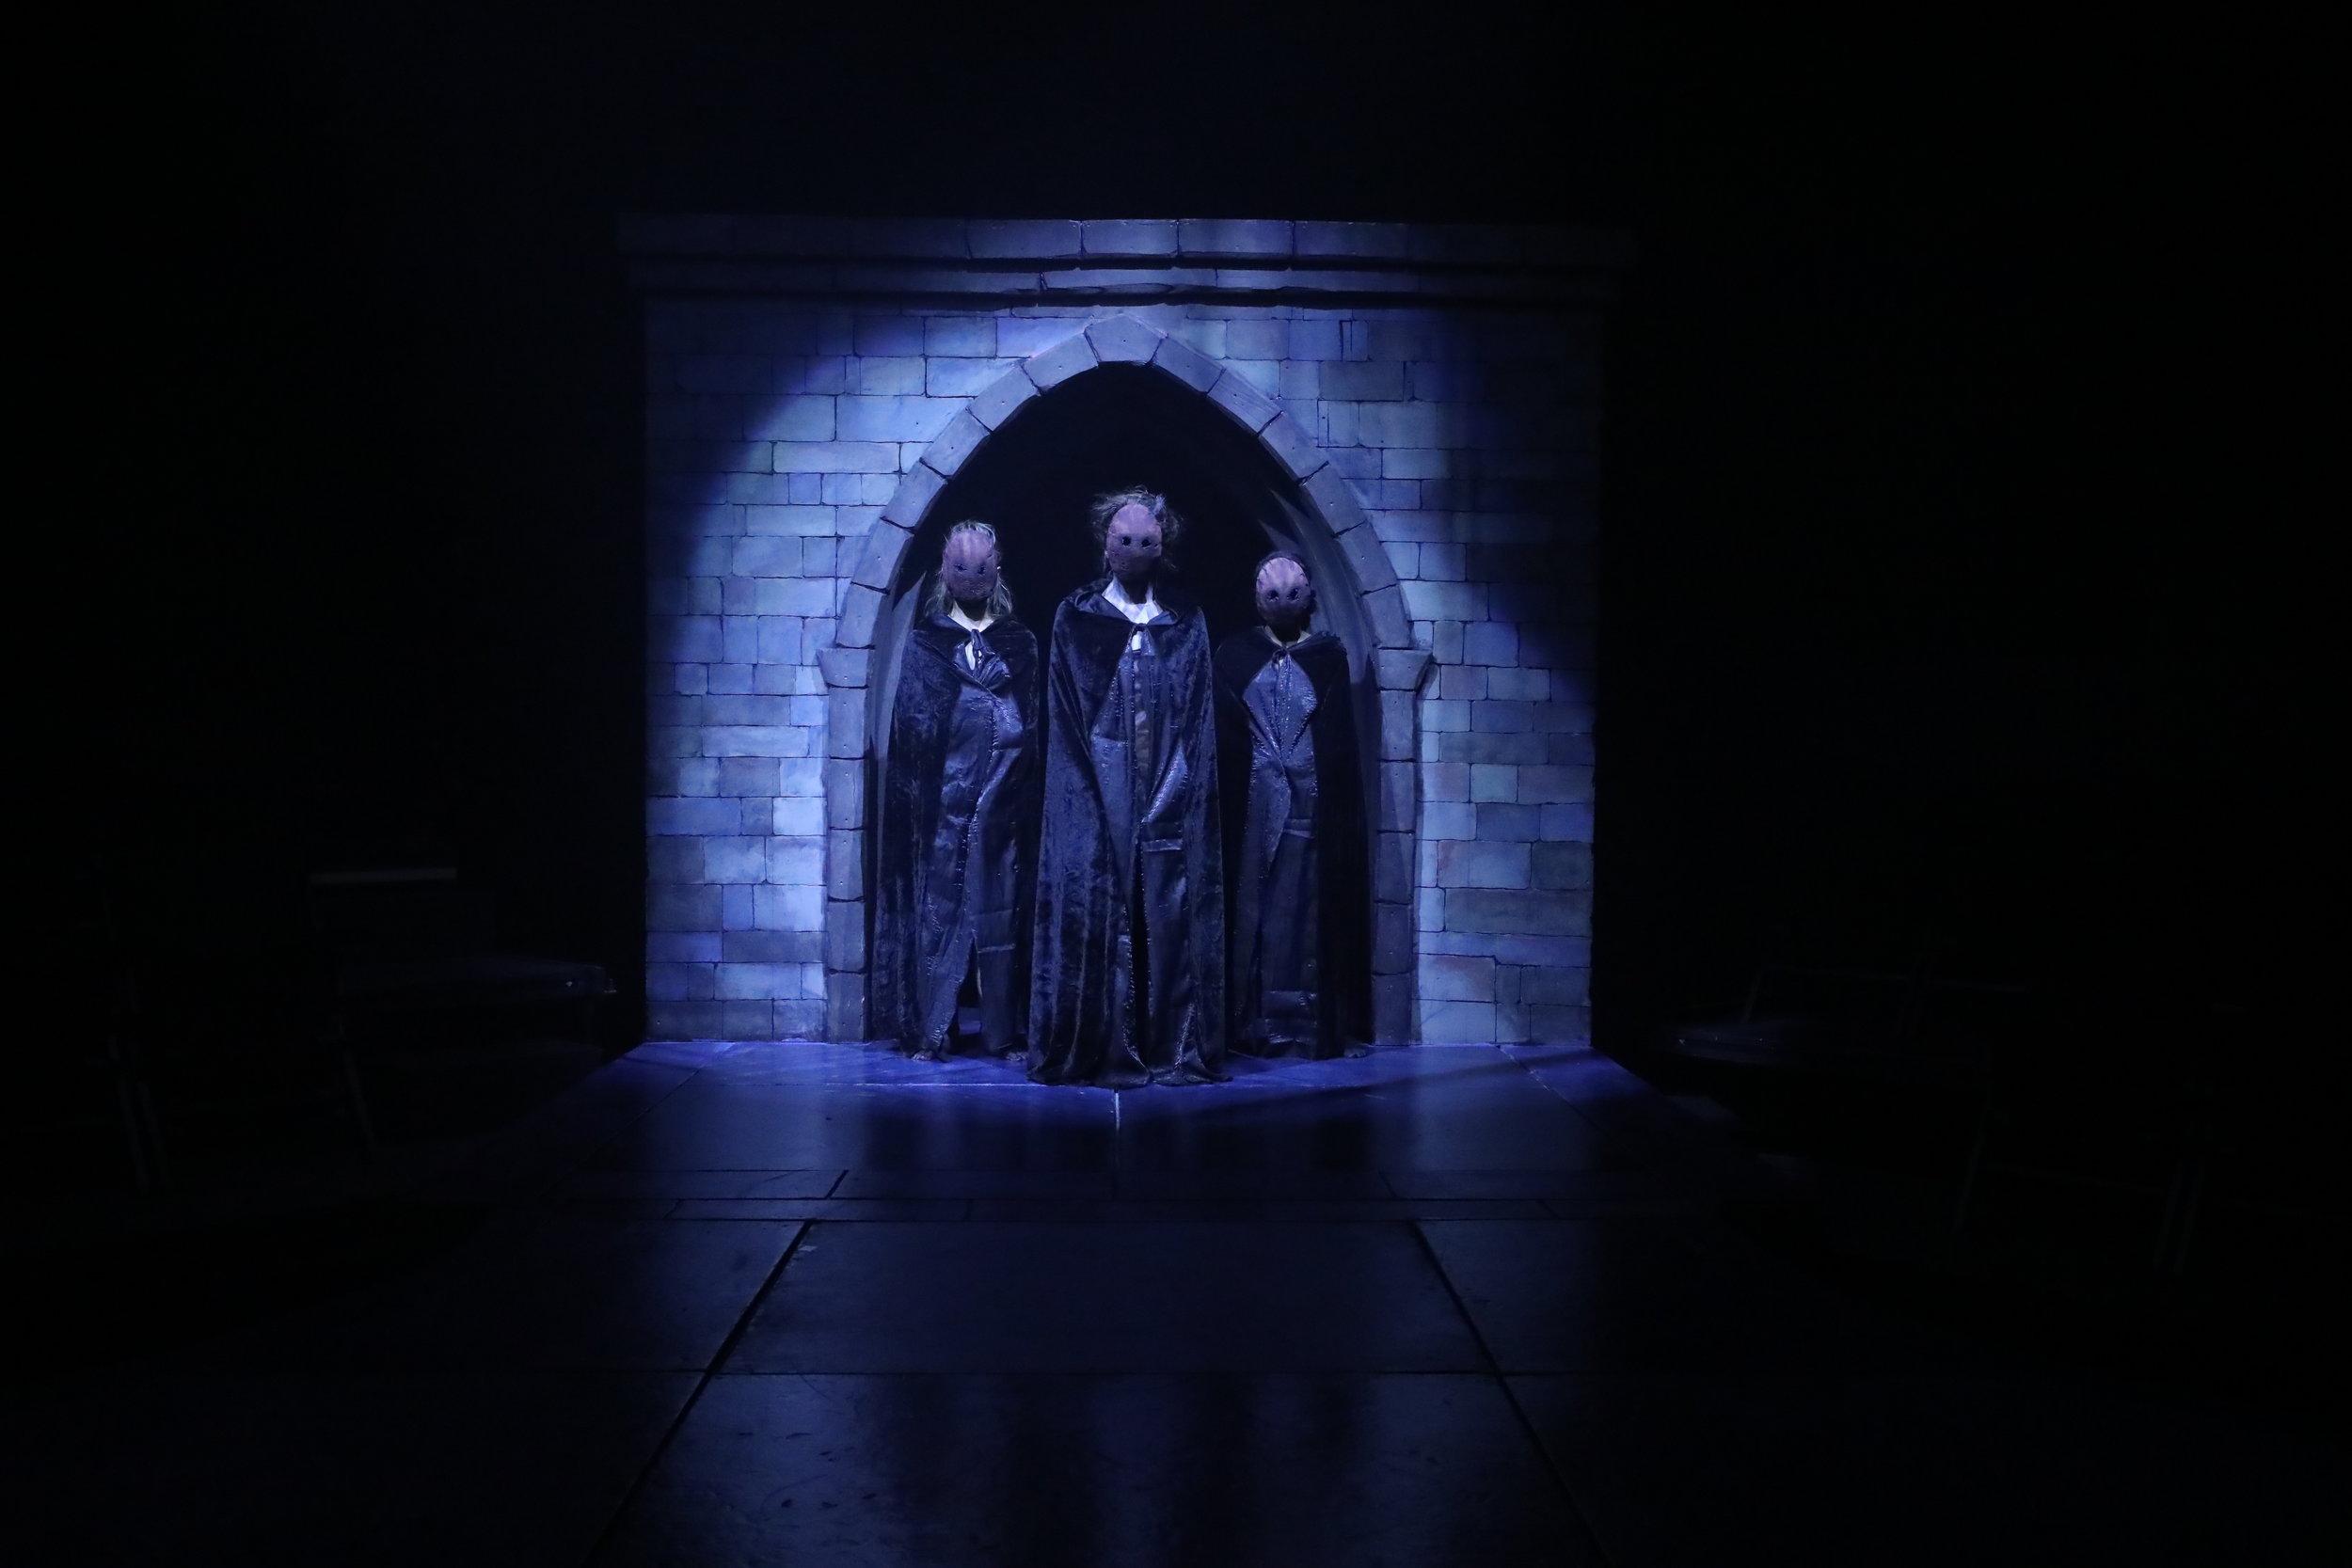 092018-Macbeth-039.JPG